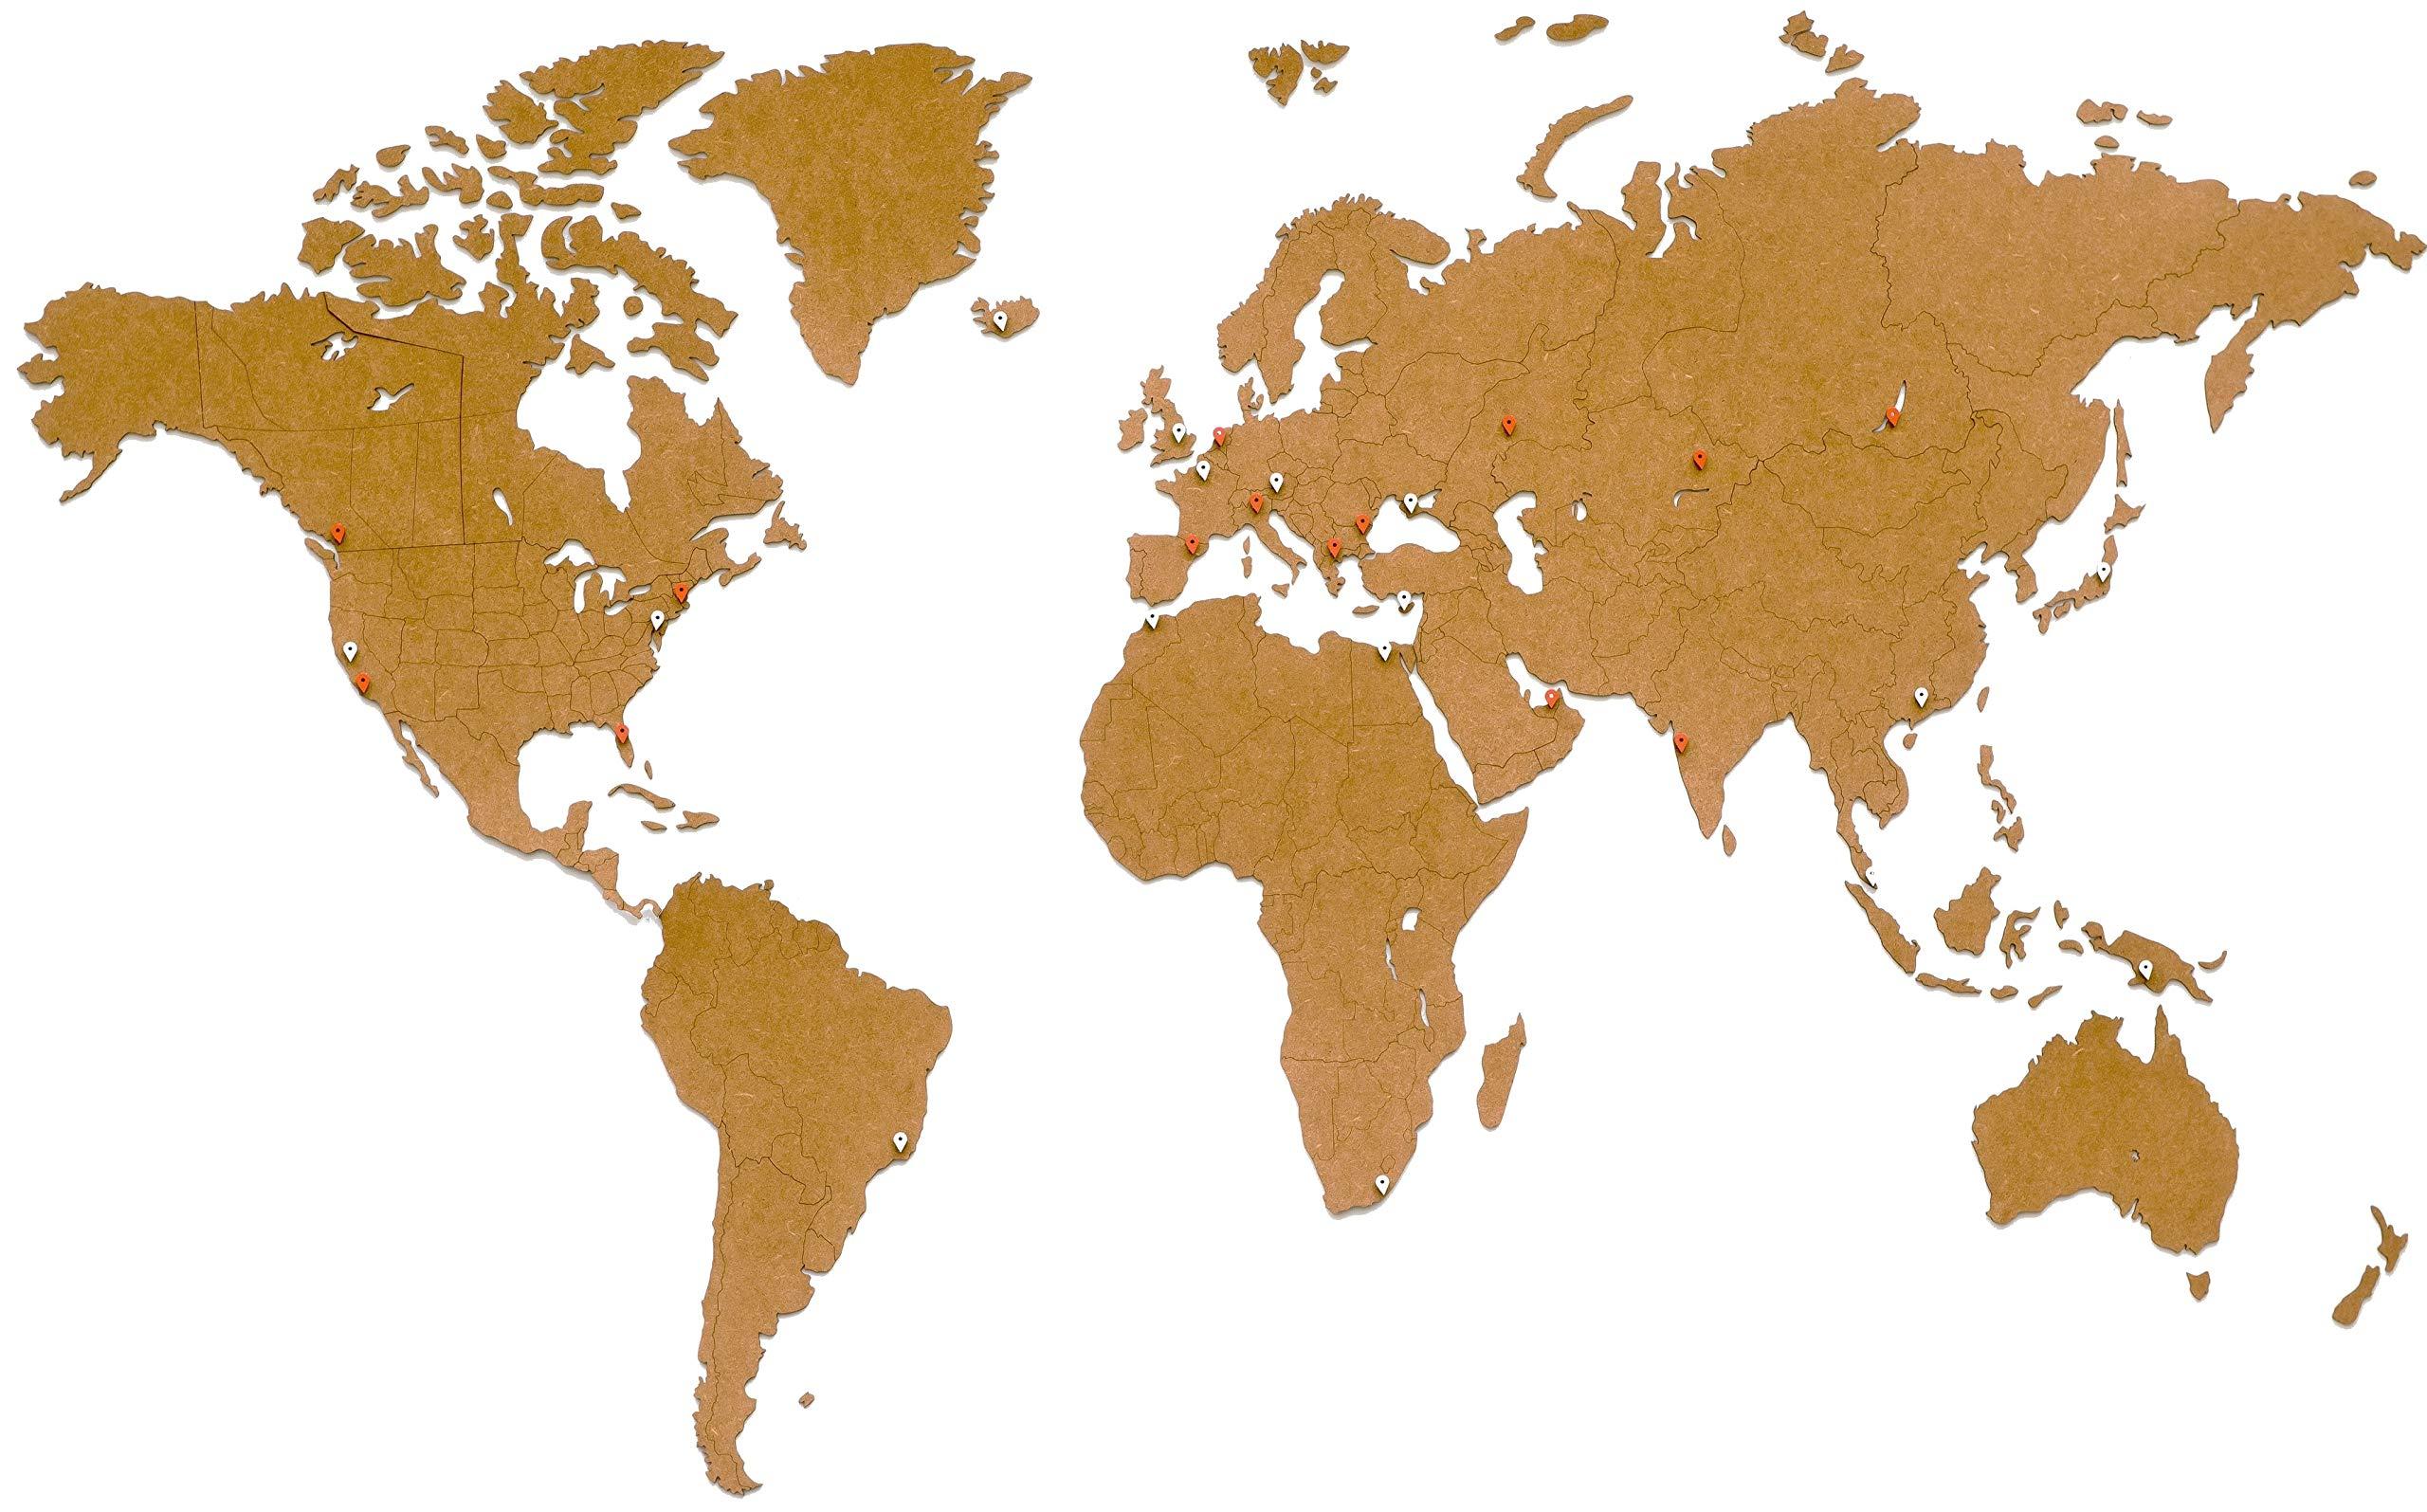 MiMi Innovations - Decoración de pared de mapa del mundo de madera de lujo 180 x 108 cm - Marrón: Amazon.es: Hogar